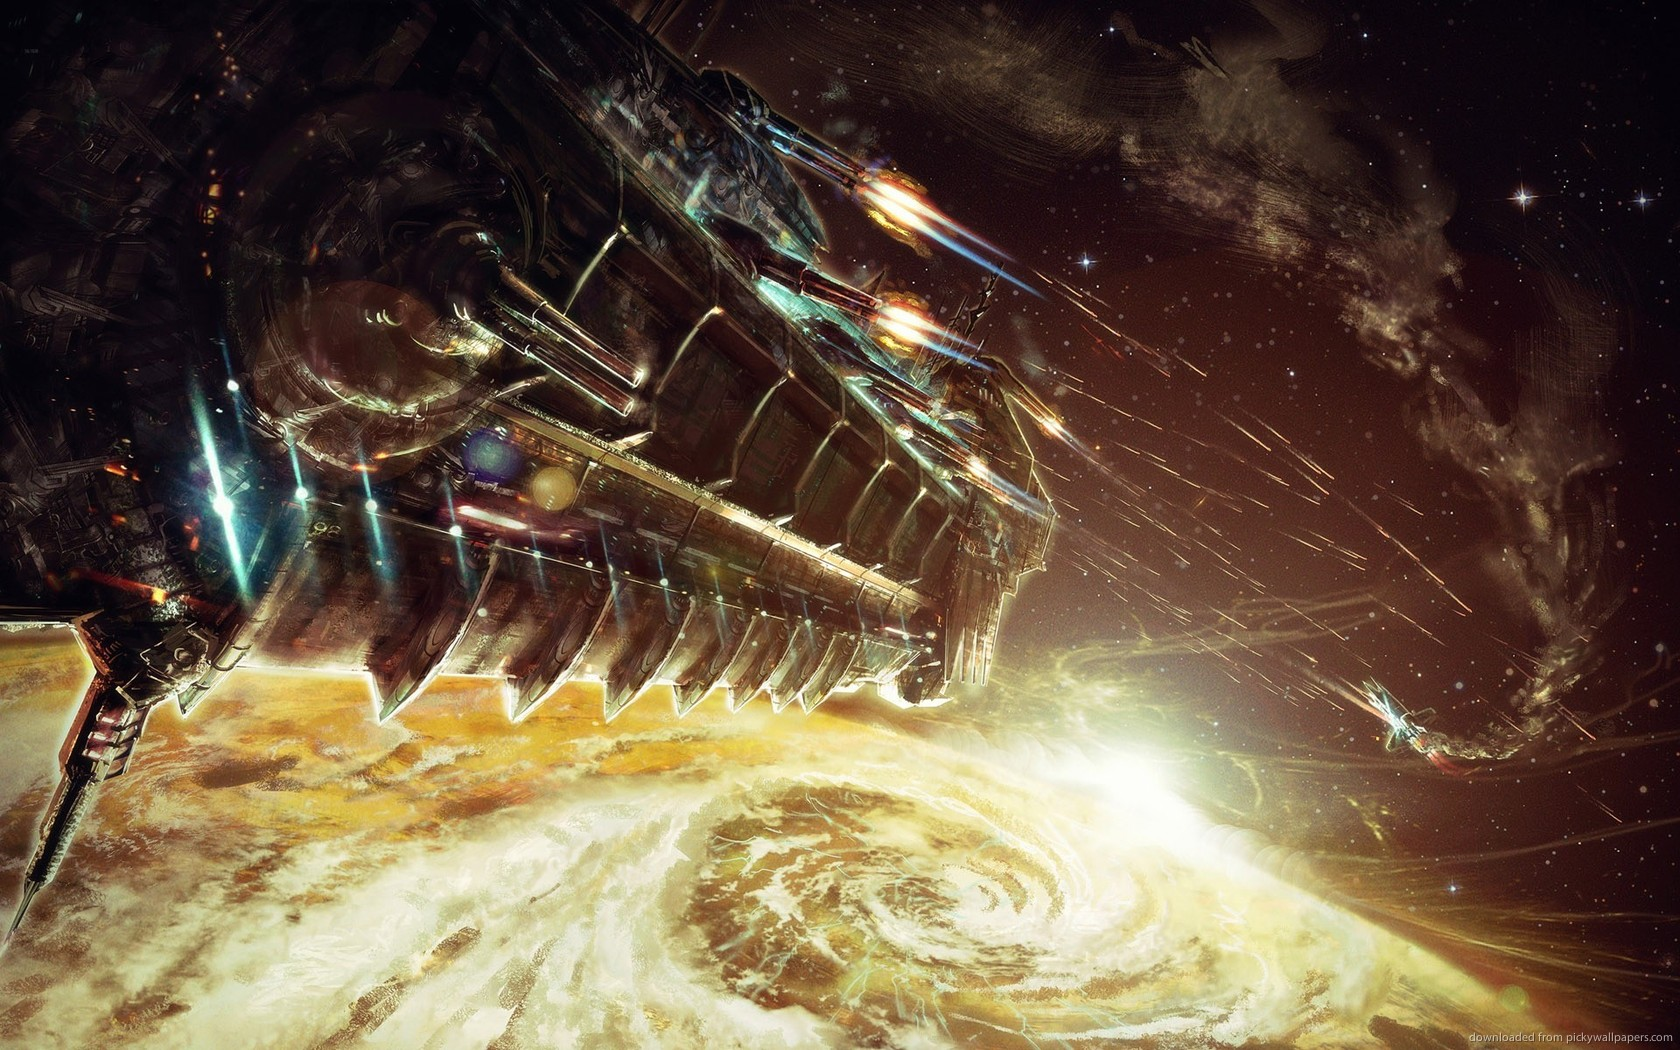 Download 1680x1050 Spaceship Battle Wallpaper 1680x1050